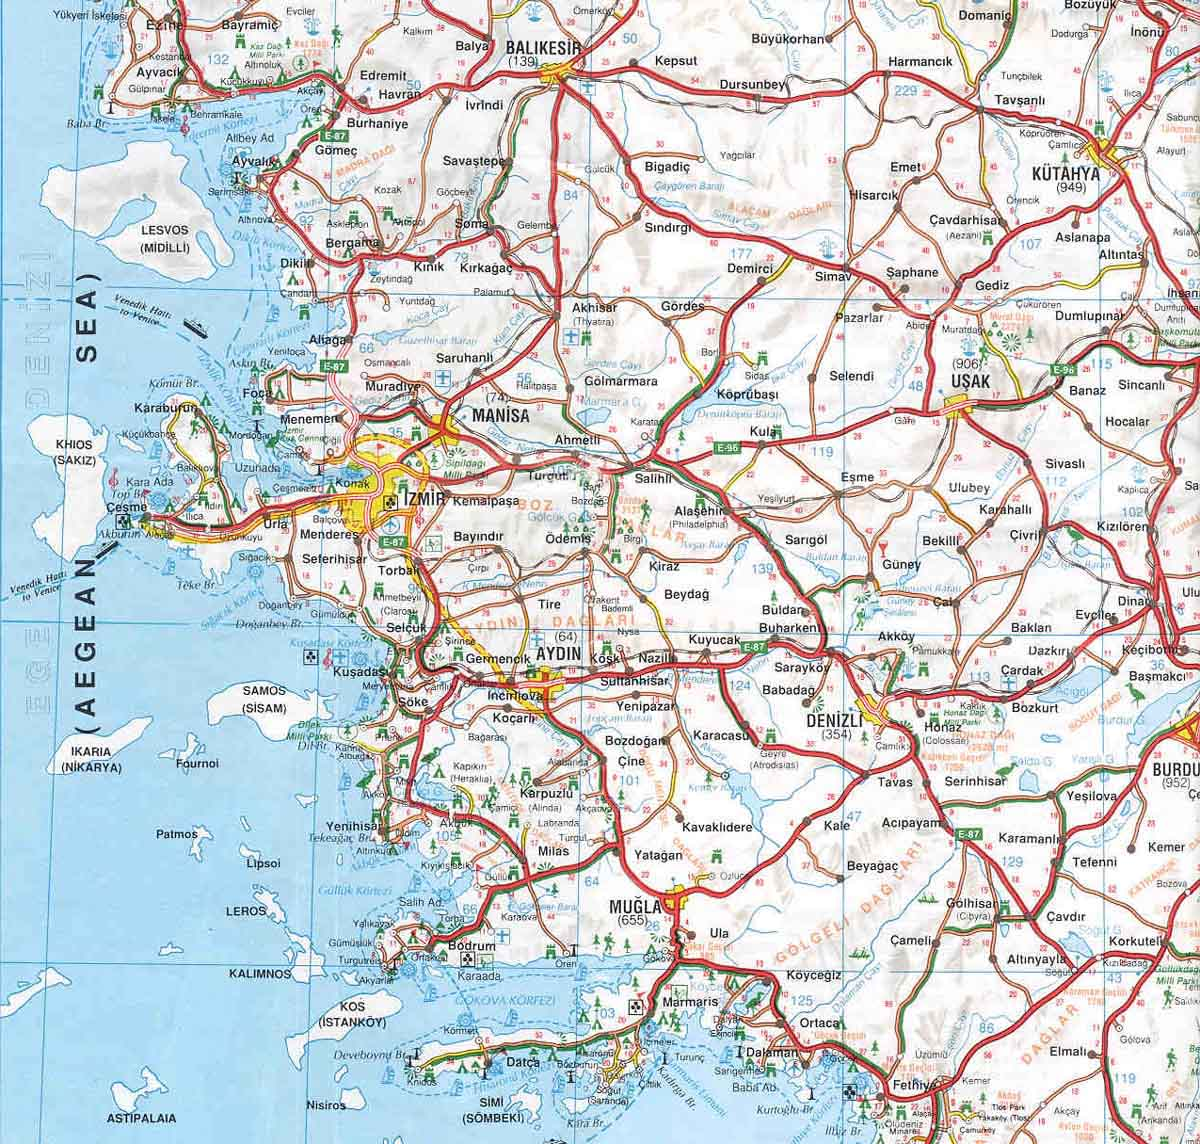 карта Эгейского региона Турции